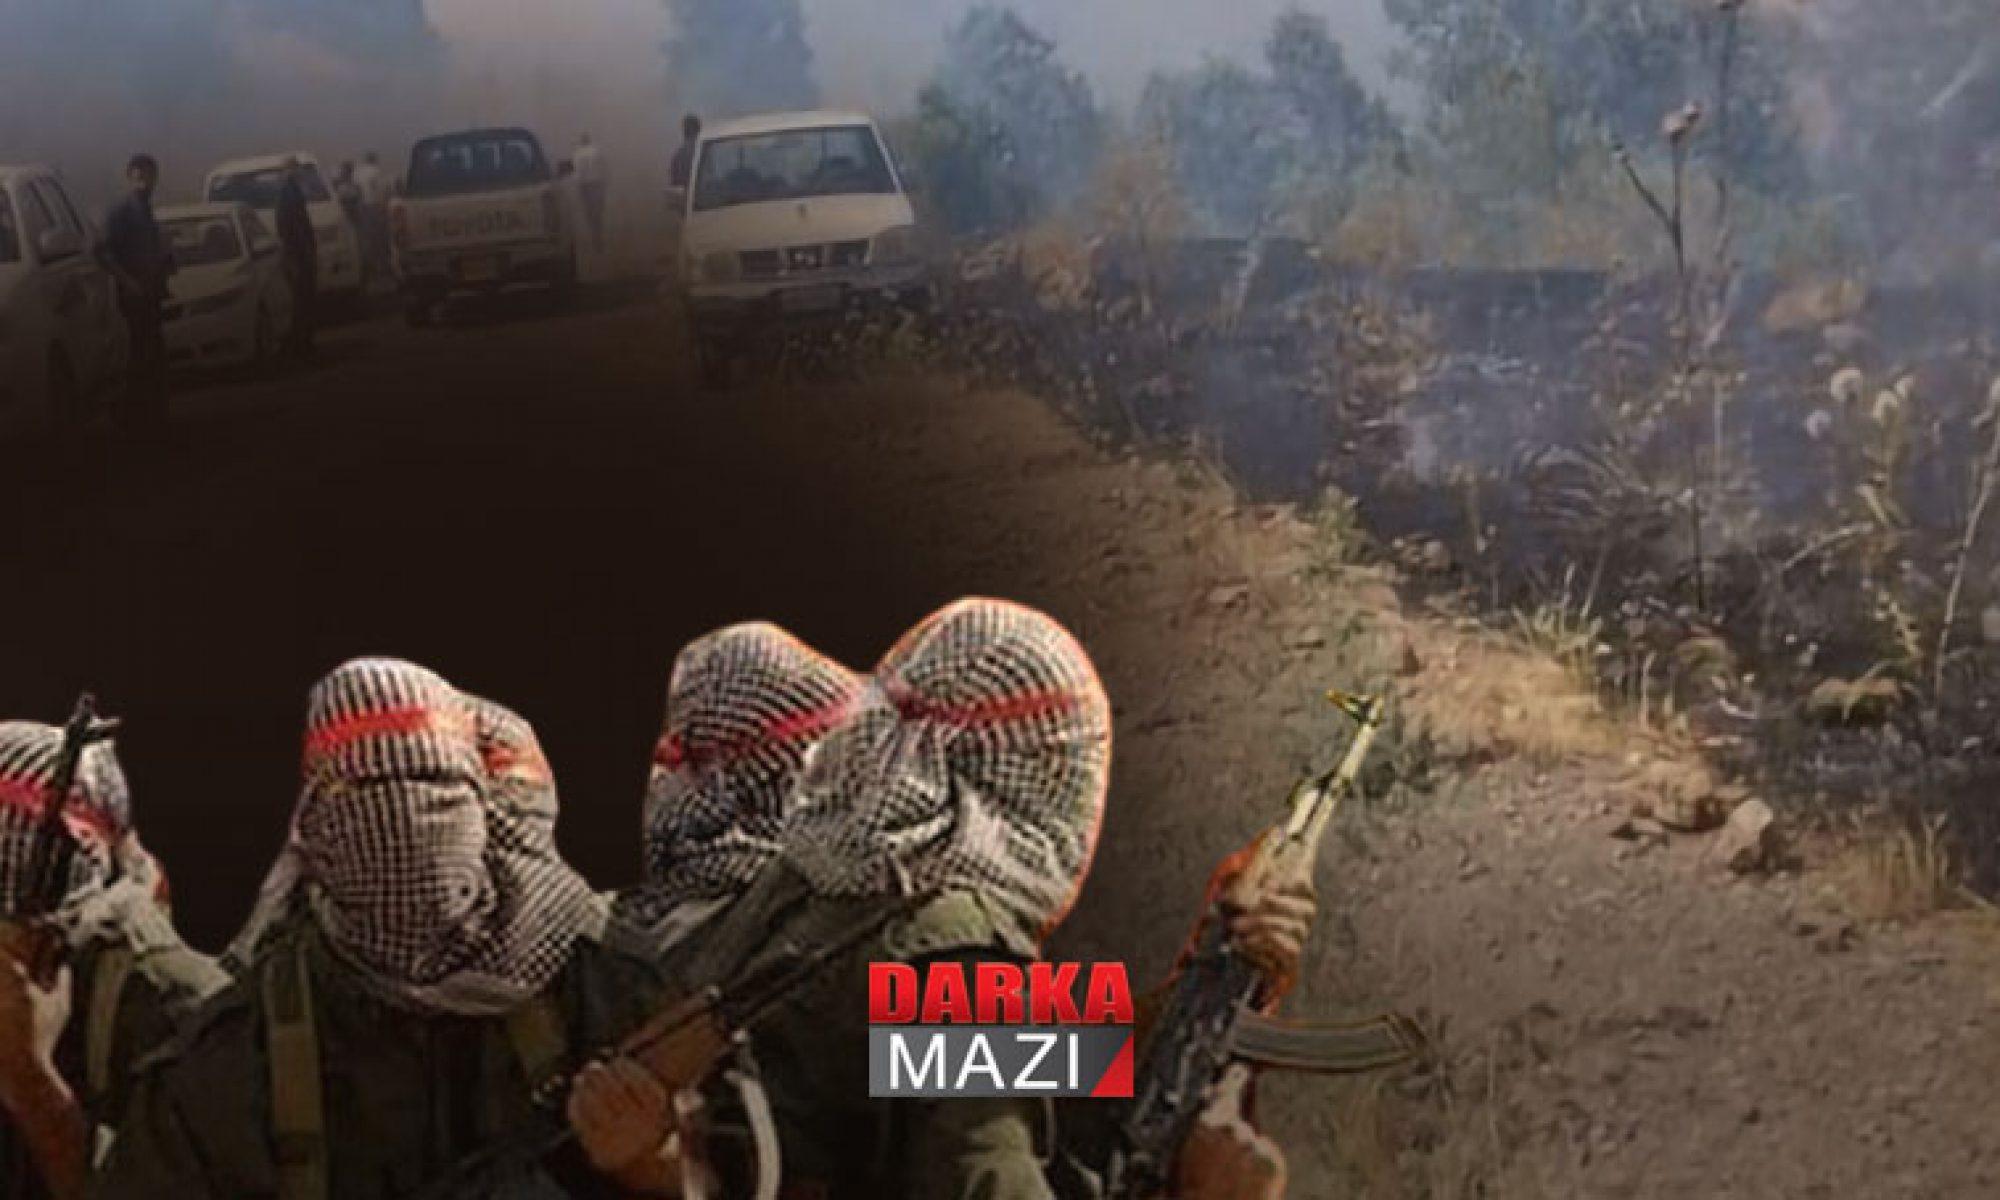 Sidekan'da HPG'nin döşediği mayın ve PKK'nin imzaladığı mayın anlaşmaları Geneva Calla, Cenevre Çağrısı, Oktowa anlaşması, Bahoz Erdal, HPG, Kandil, Sidkan, Behdinan, duhok, Amediye, Türk ordusu Şekif dağı, Kürdistan BÖlgesel Yönetimi,